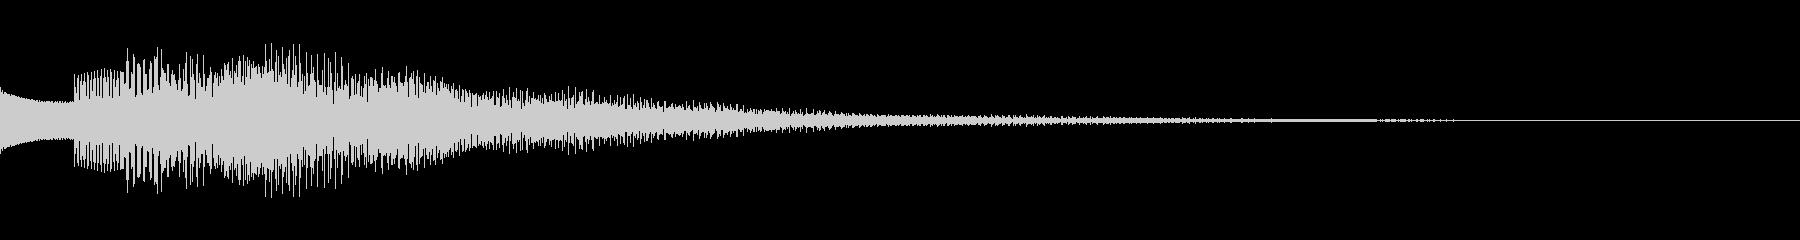 キラキラリン 上昇 オルゴール 疑問形の未再生の波形